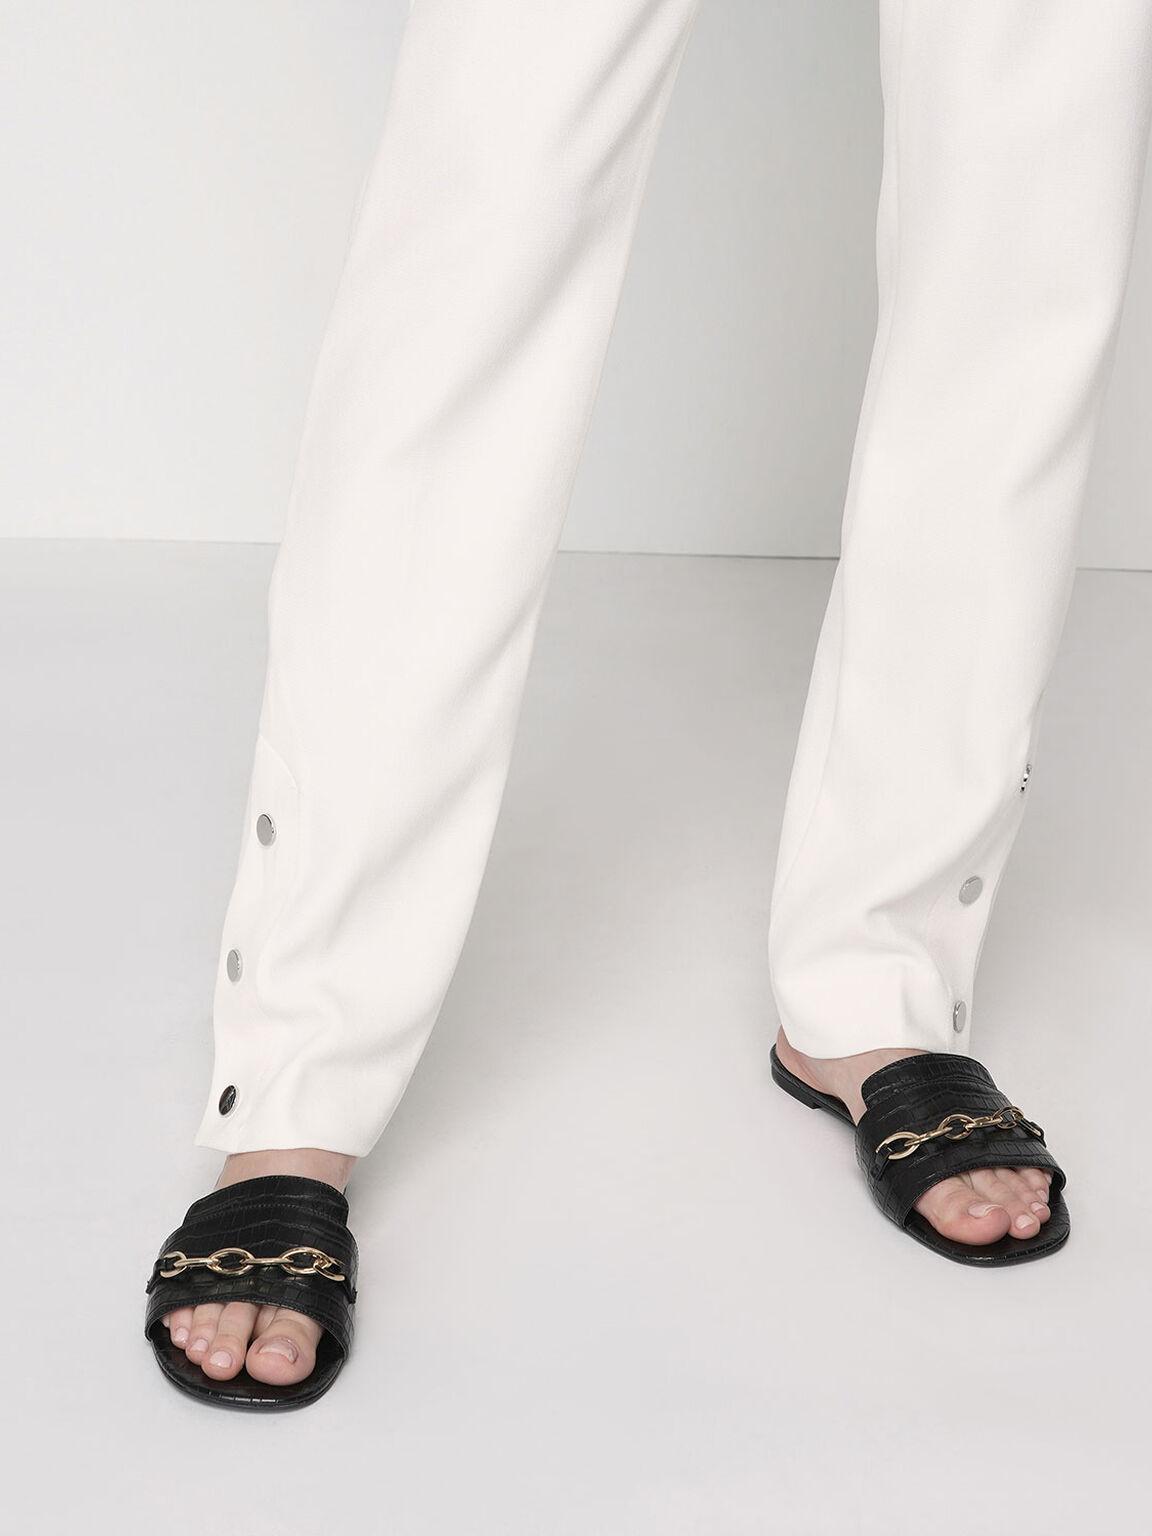 Croc-Effect Chain Link Slide Sandals, Black, hi-res